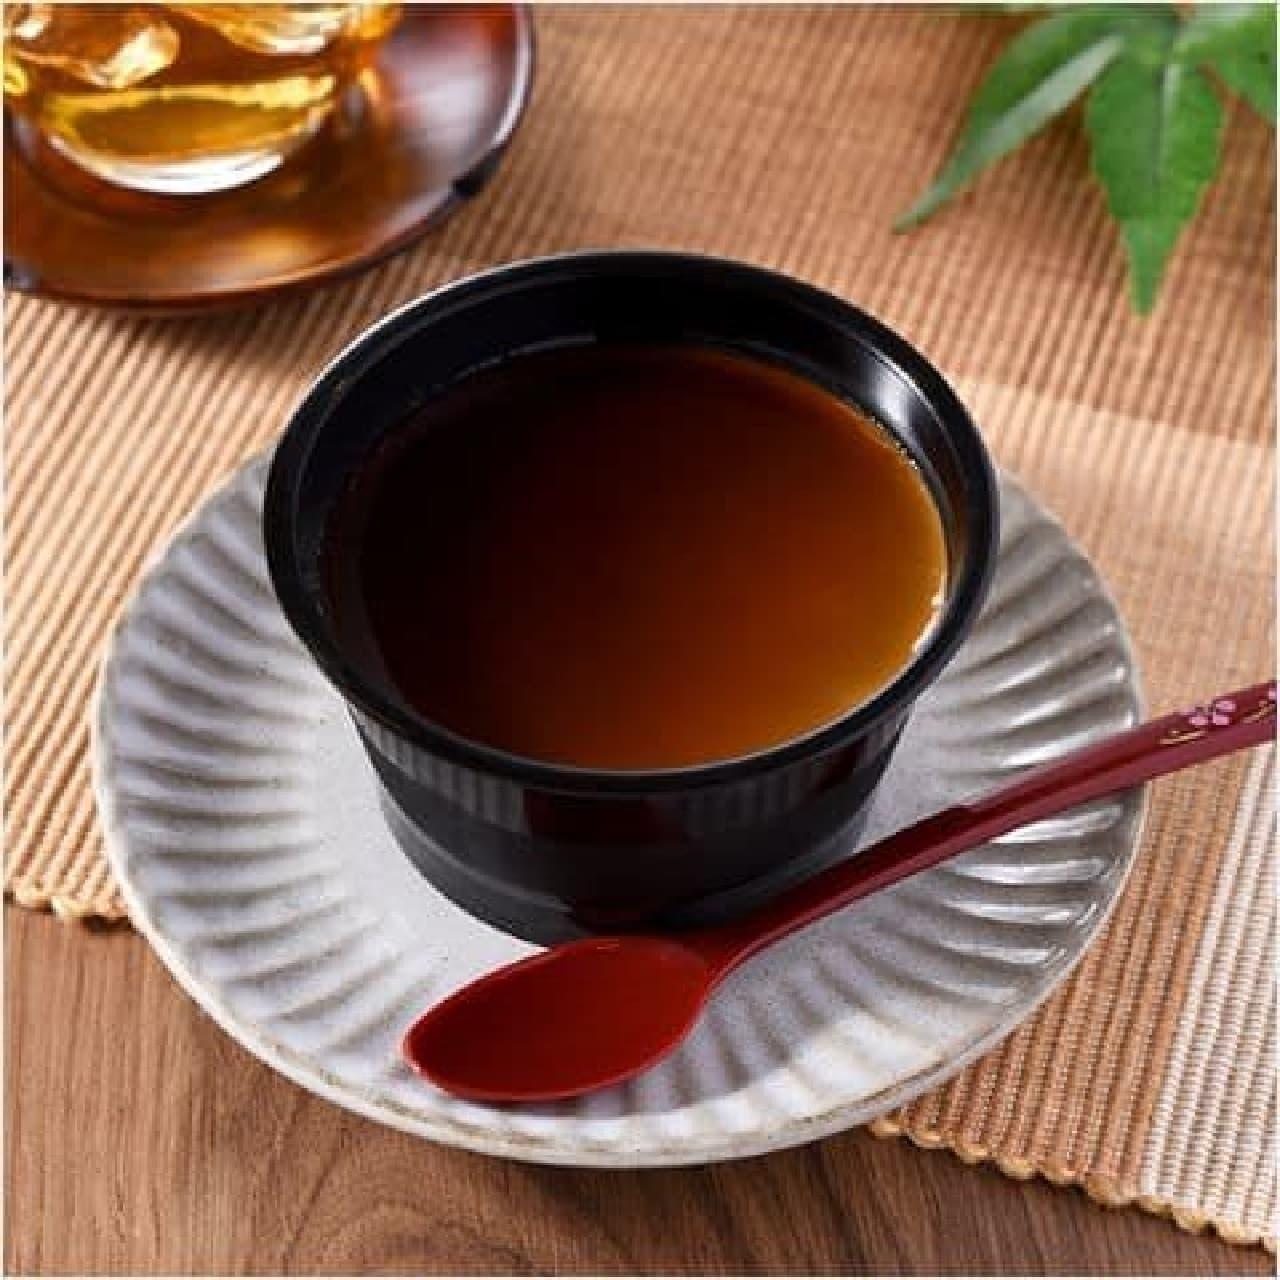 ファミリーマート「黒みつほうじ茶ぷりん」